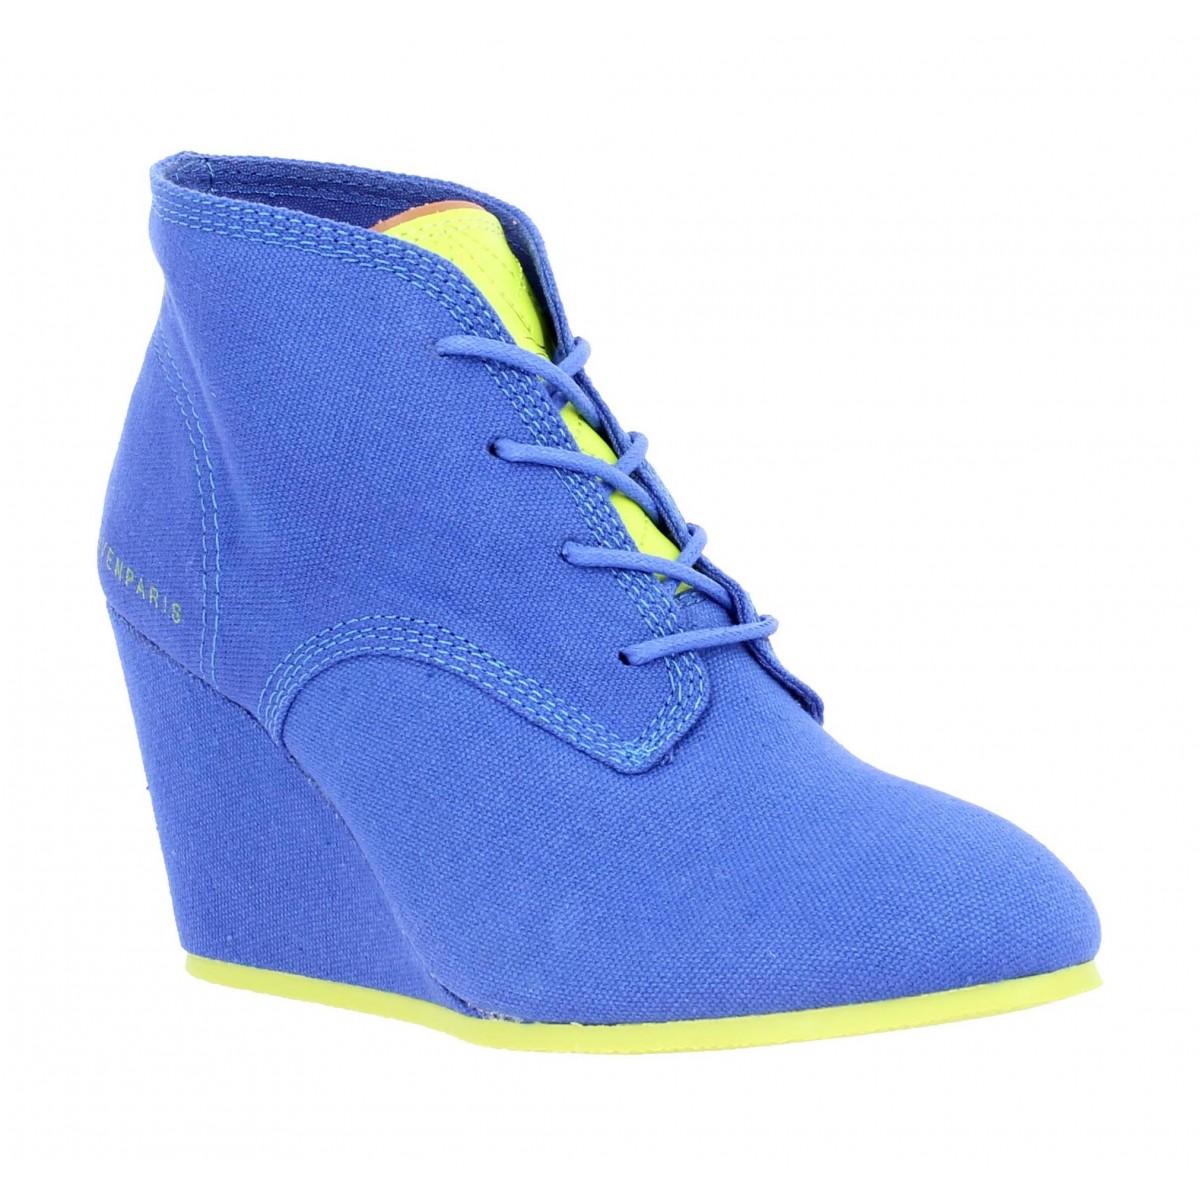 Compensées ELEVEN PARIS Lanacan Fluo toile Femme Bleu + jaune